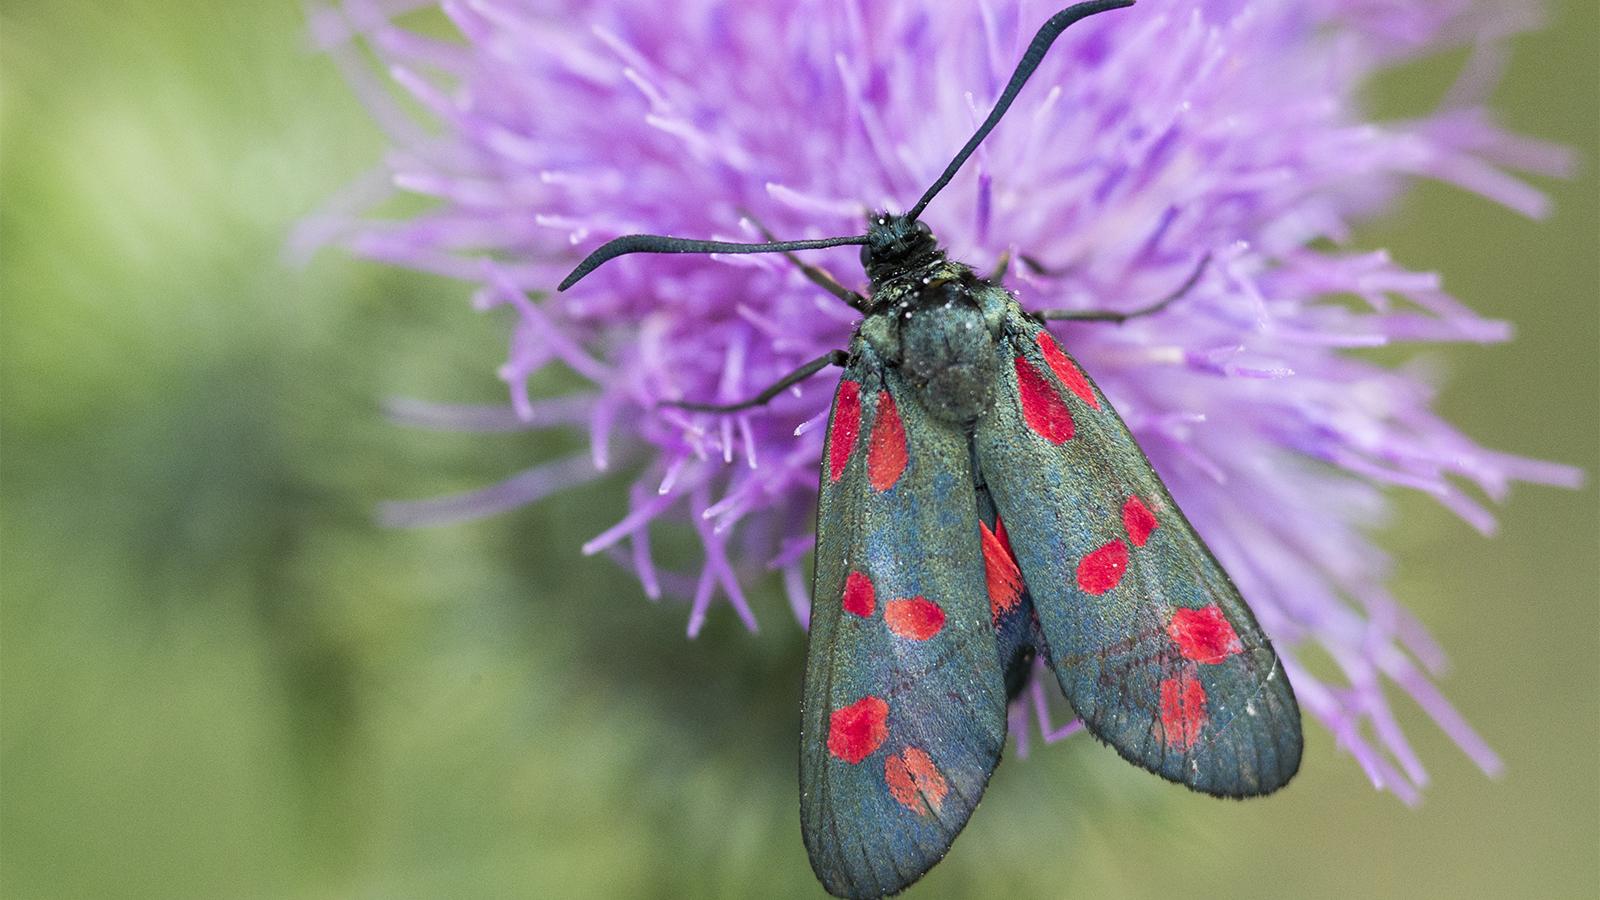 Moths Are Mother Nature's Secret Pollinators